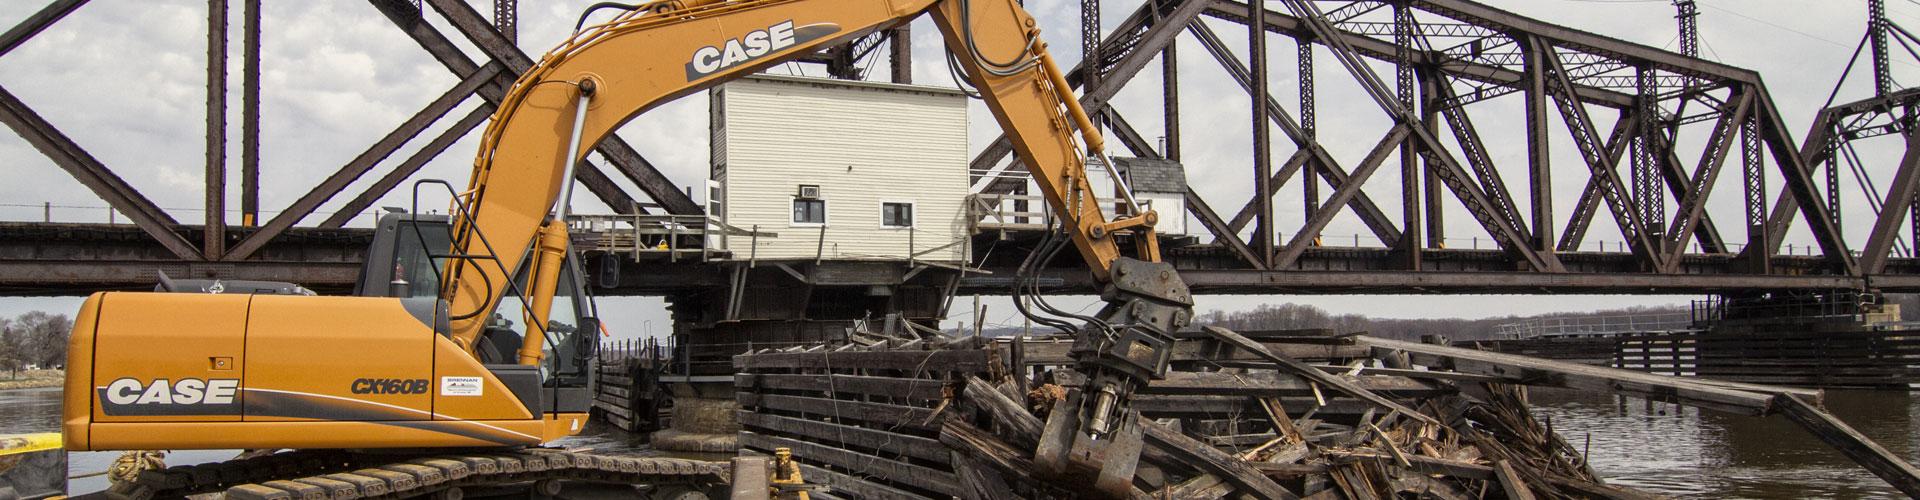 banner-demolition.jpg